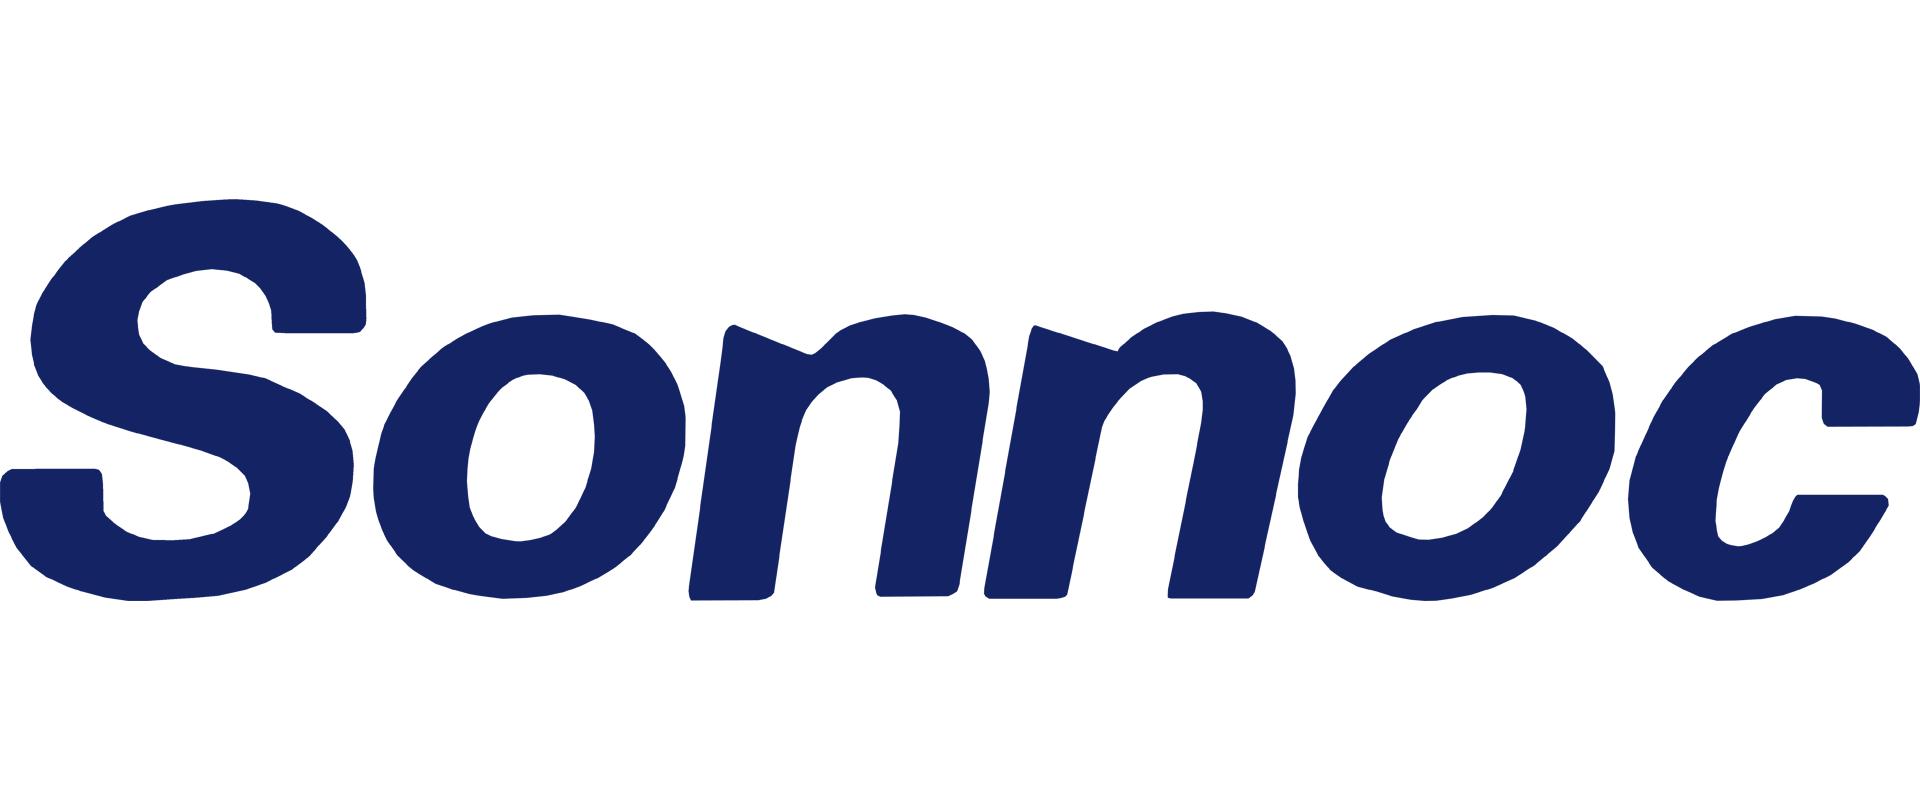 北京东方中原数码科技有限公司(东方中原Donview、索诺克SONNOC、派克斯PROPIX)概述——索诺克SONNOC产品品牌商标LOGO标志